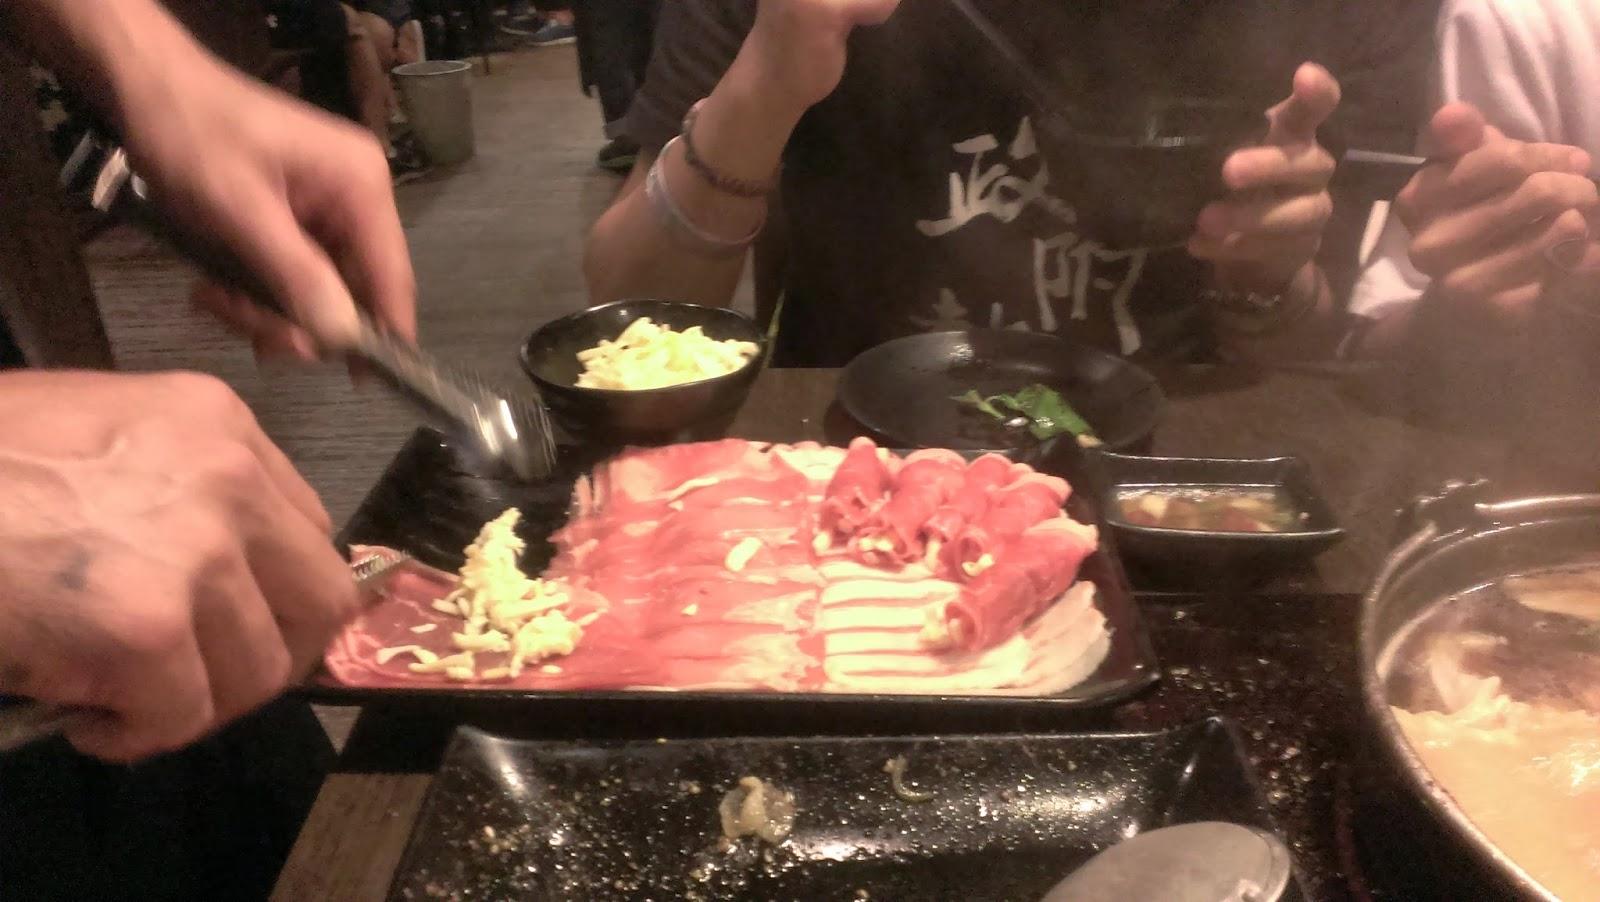 2014 11 09%2B17.50.36 - [食記] 潮肉壽喜燒 - 平價多樣的壽喜燒吃到飽